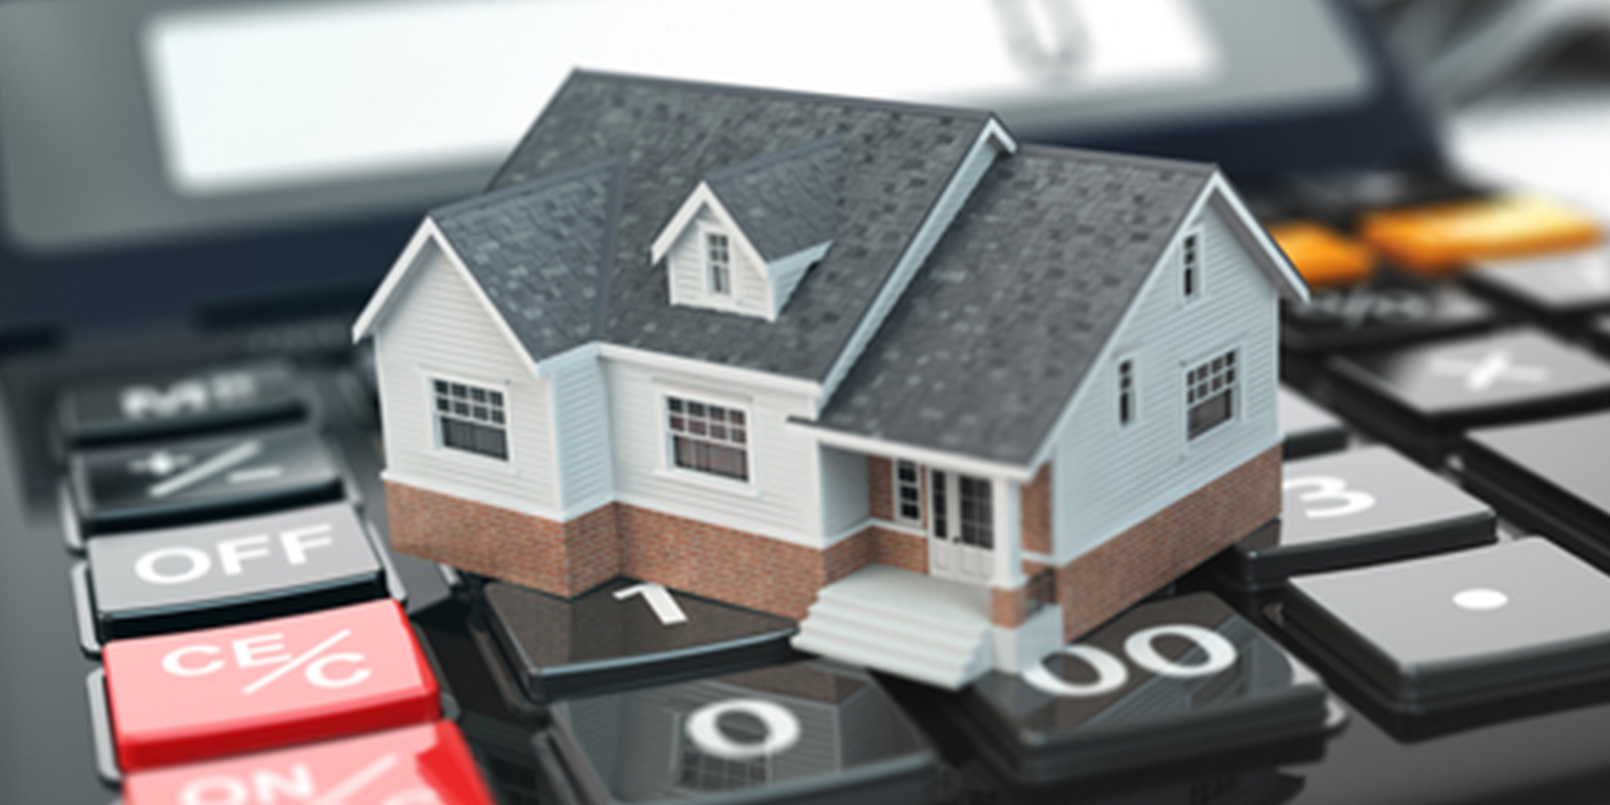 Los varapalos de la justicia europea obligan a retocar el parche de la anterior reforma hipotecaria